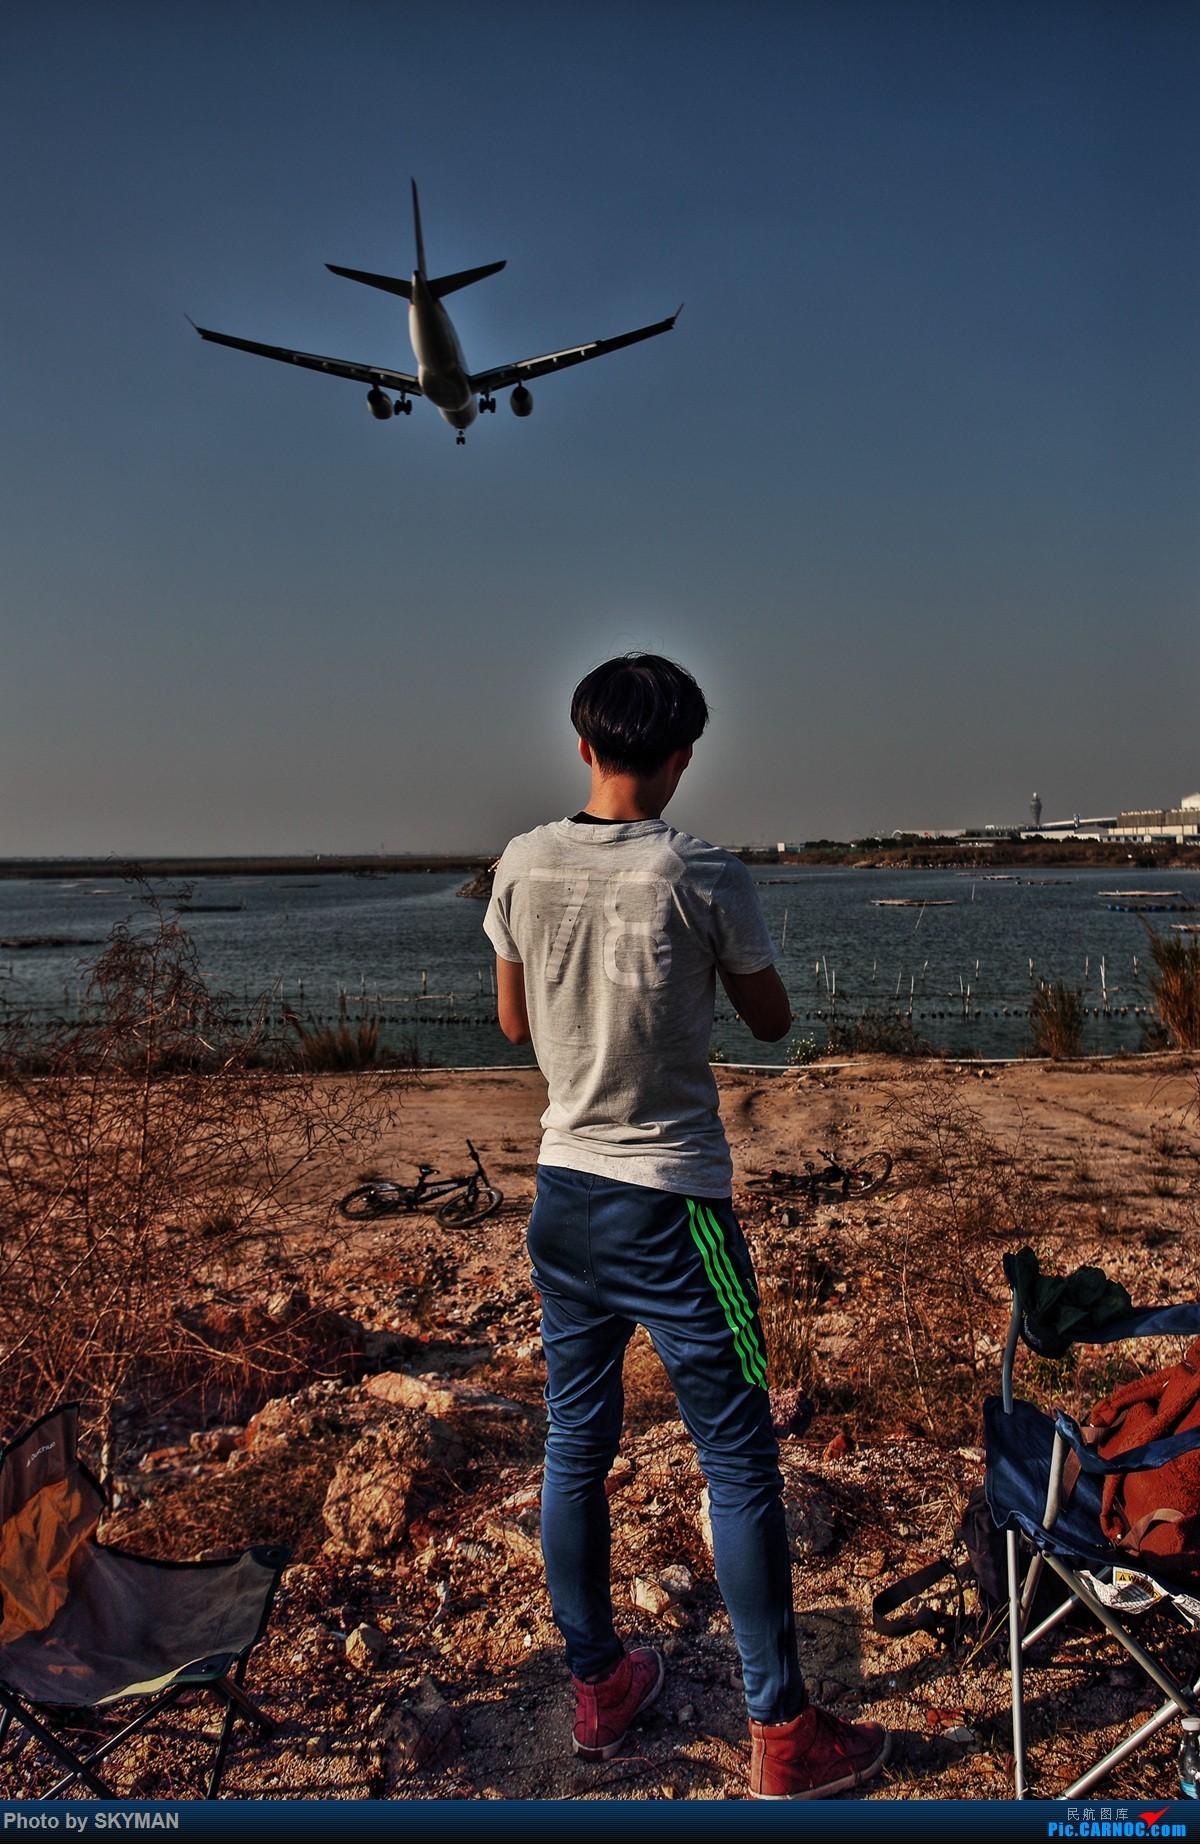 Re:[原创]2014 我们一路一起&有你真好    中国深圳宝安国际机场